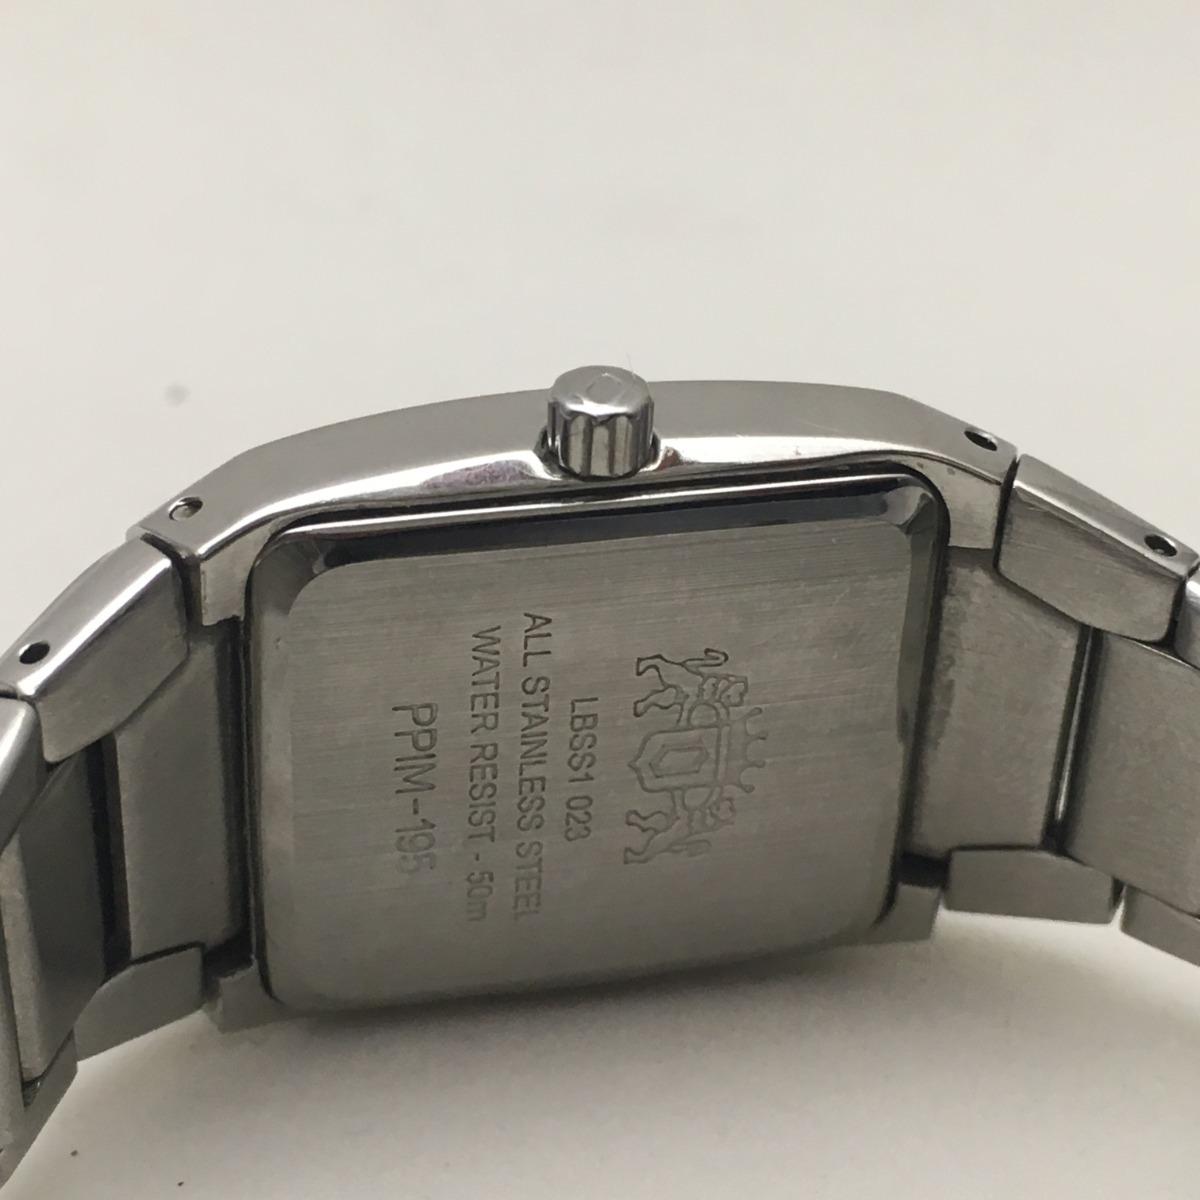 355f94e5ac8 Carregando zoom... relógio feminino orient 50 m usado. Carregando zoom.